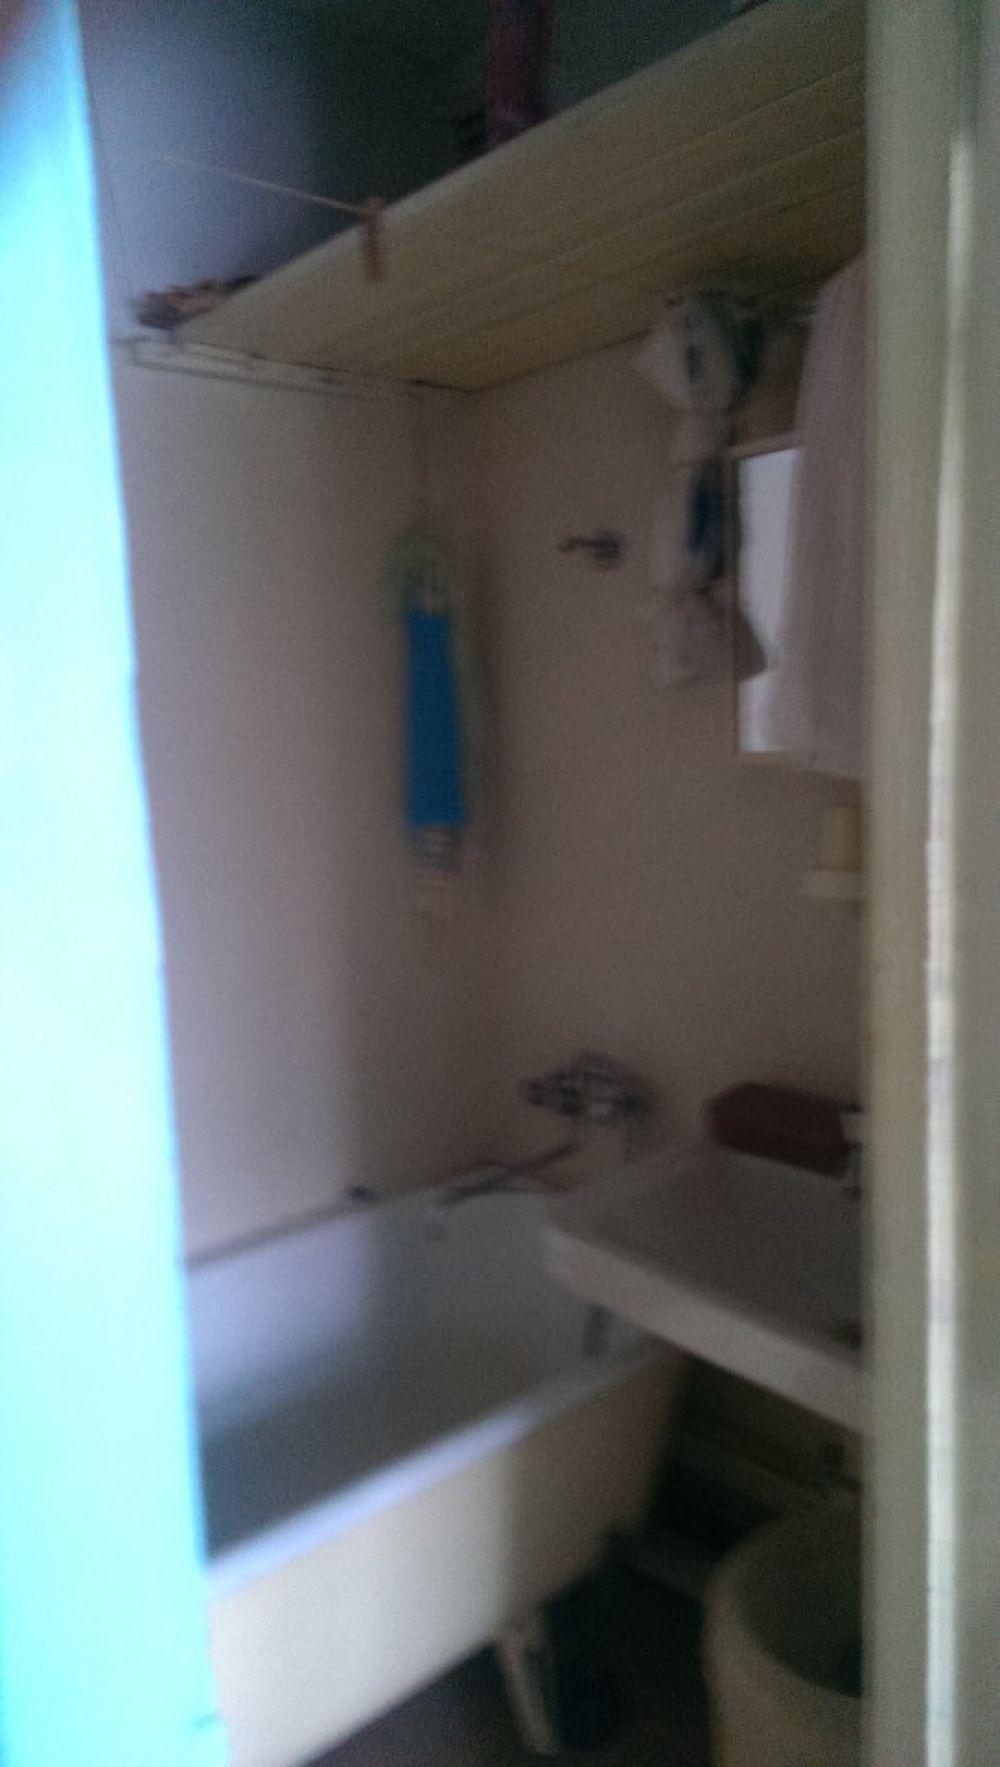 Двухкомнатная квартира, 44.5 м2, Щёлково, улица 8 Марта, 17А, фото 7